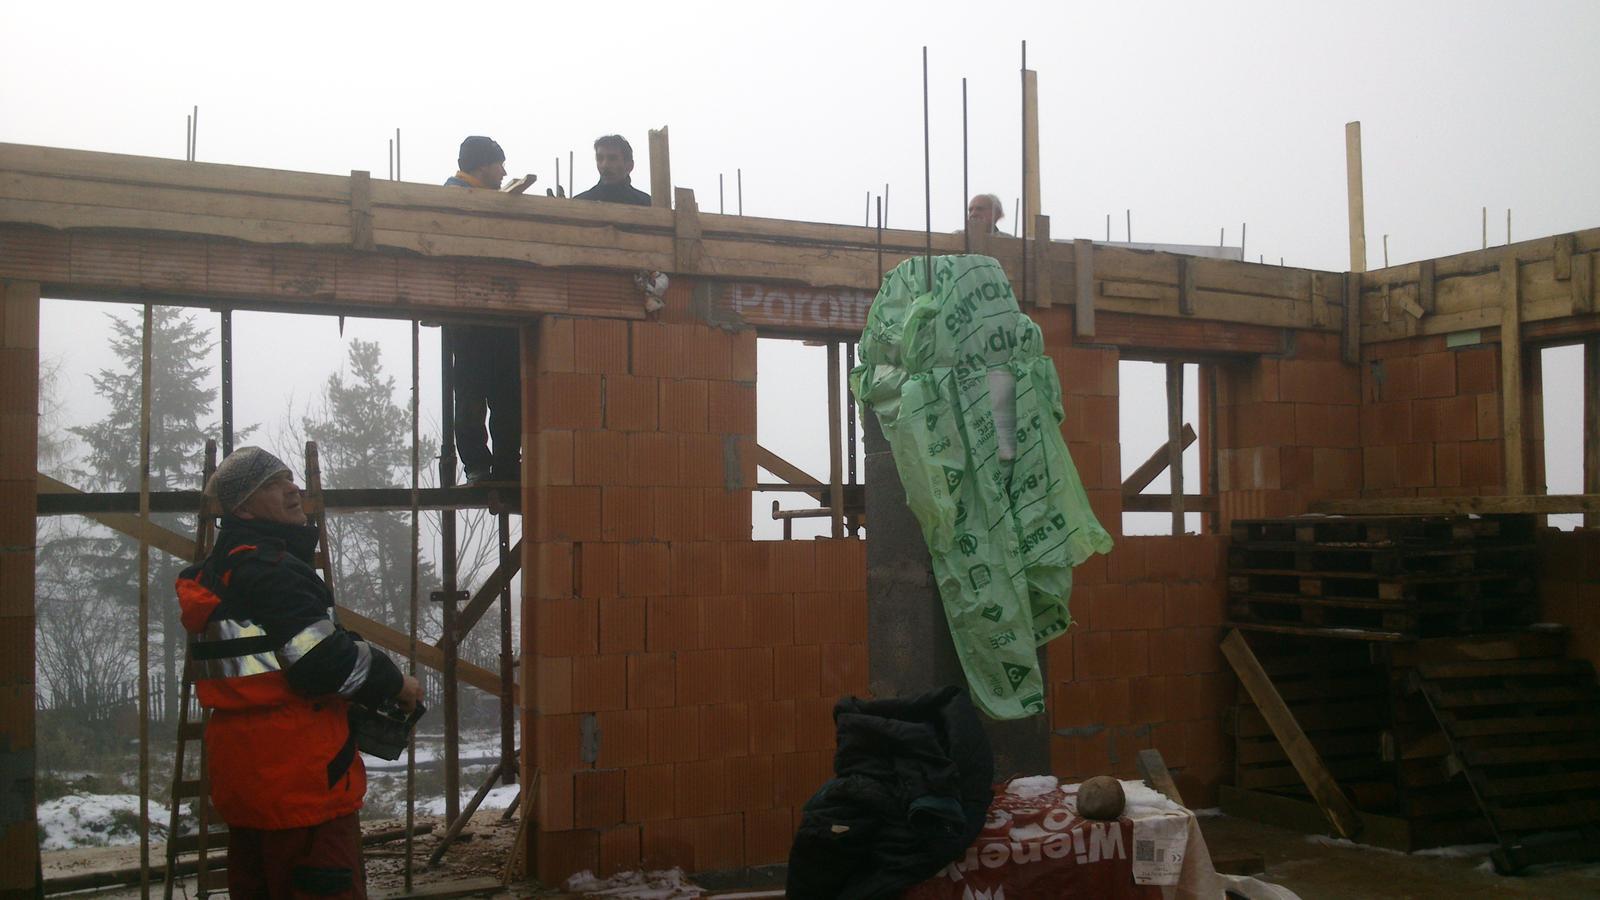 Sen, ktorý sa volá náš domček - Betónovanie venca.